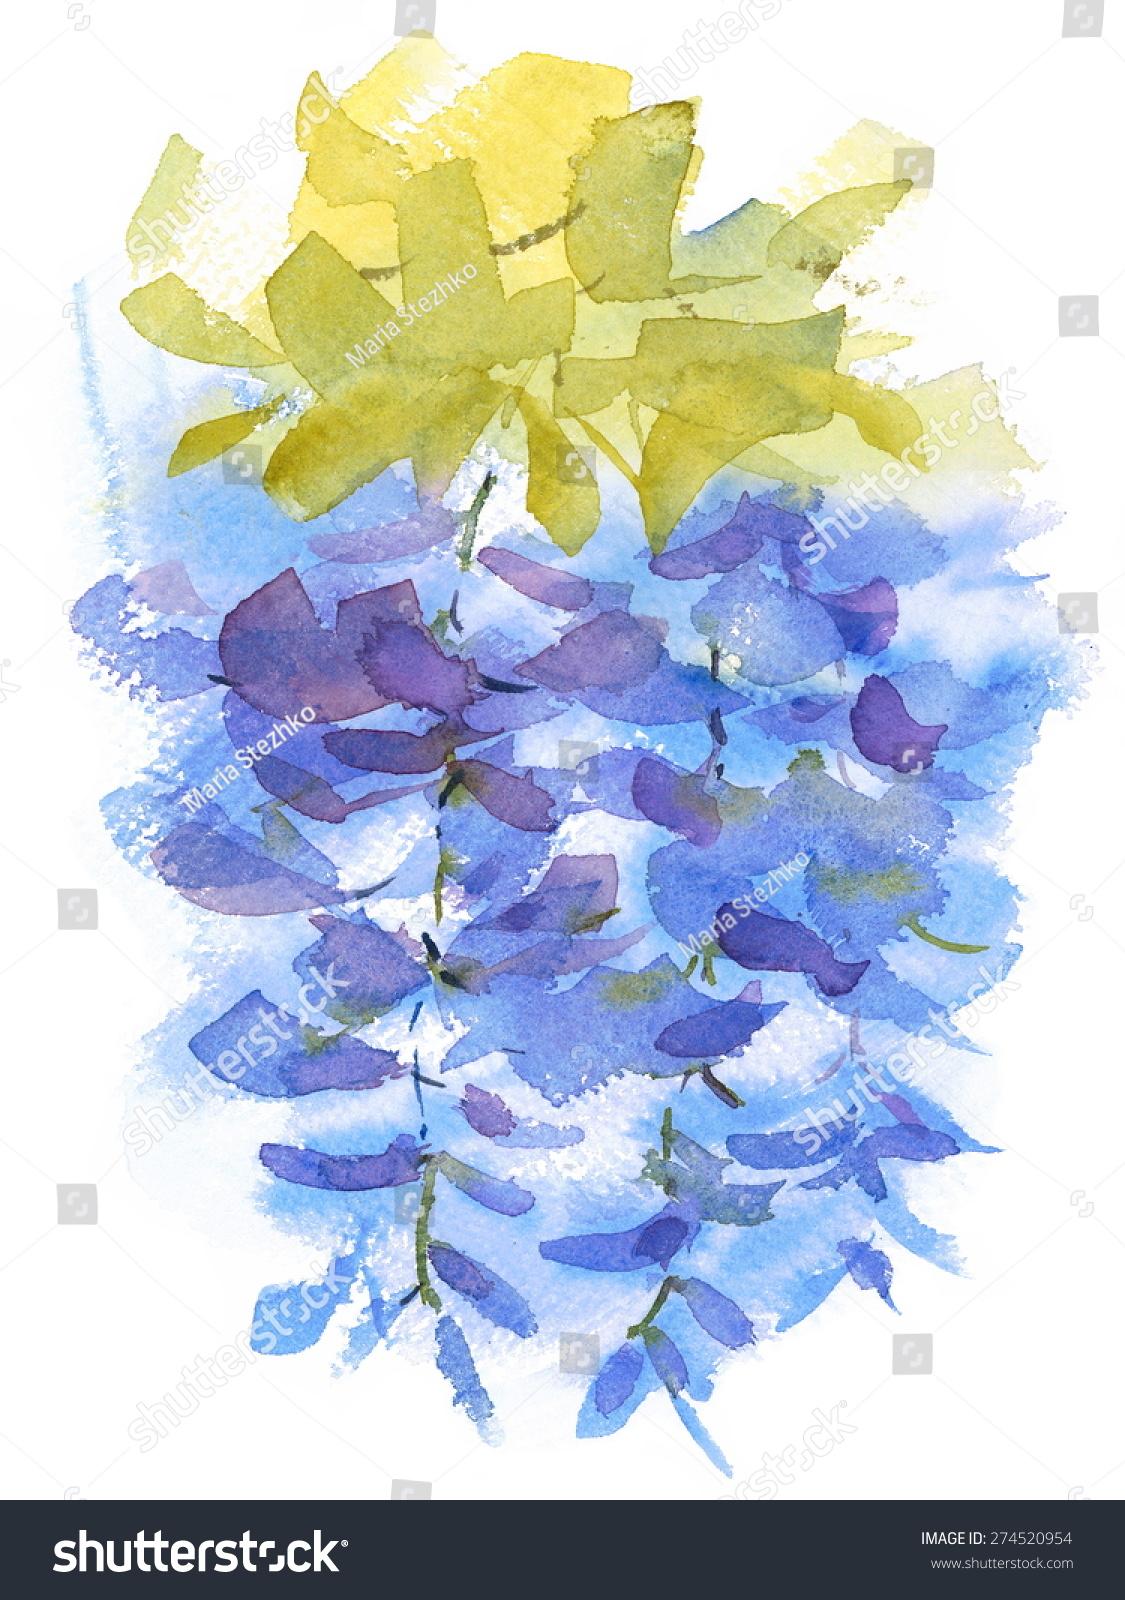 水彩蓝花紫藤花香抽象的手绘背景纹理插图孤立在白色